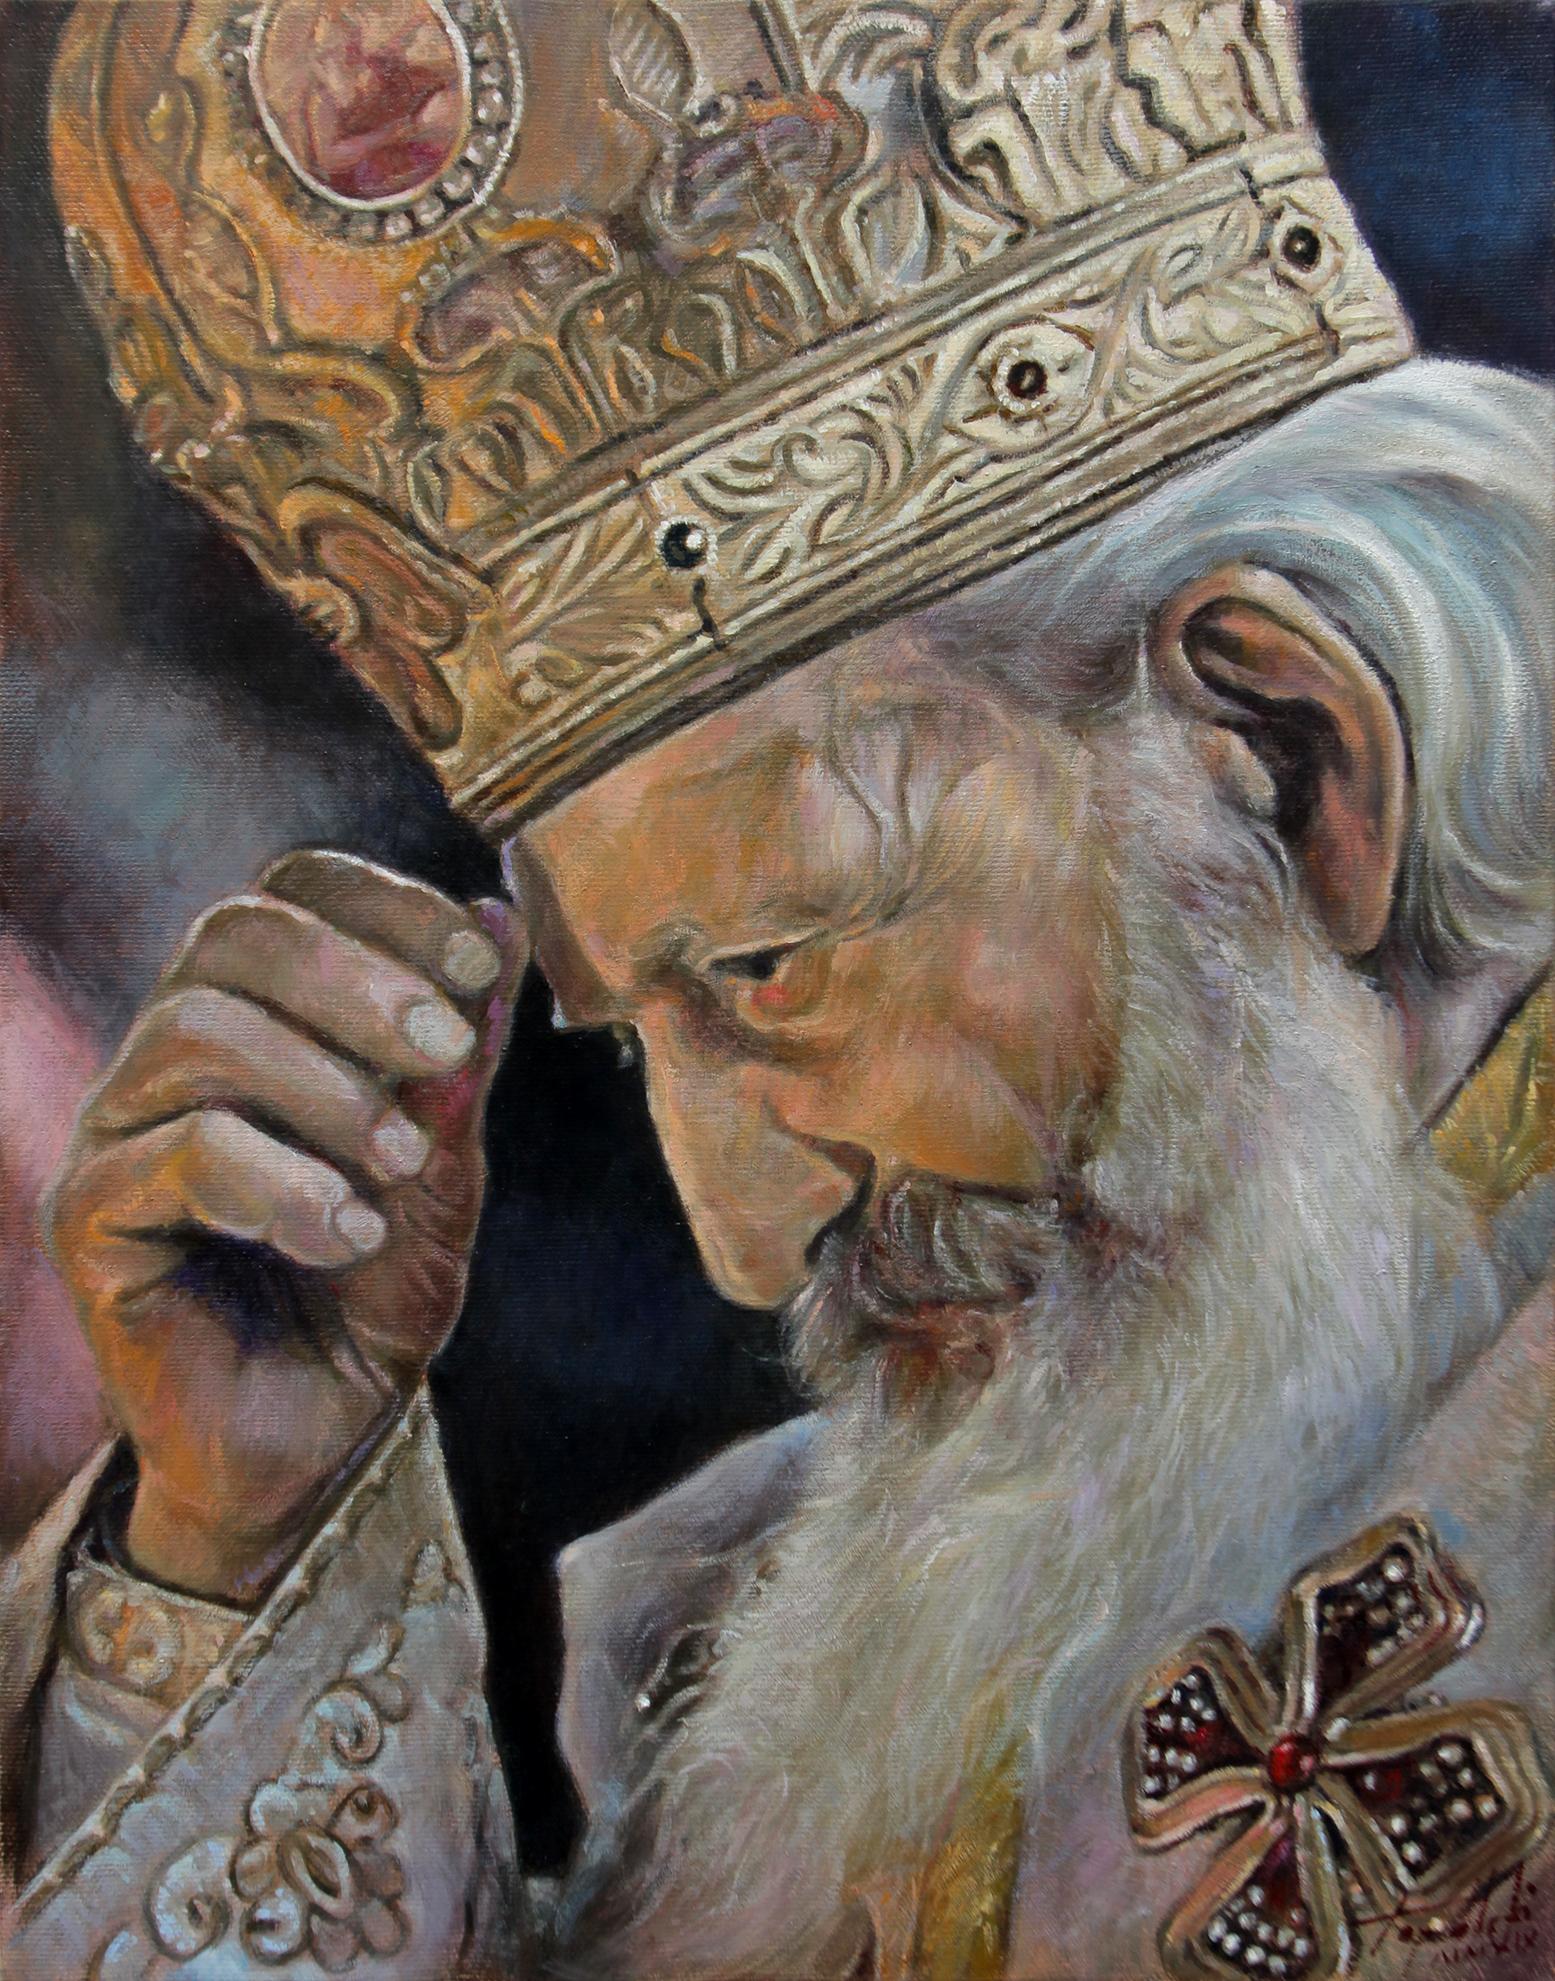 Српски Патријарх Павле - уље на платну 45x35цм, 2019.